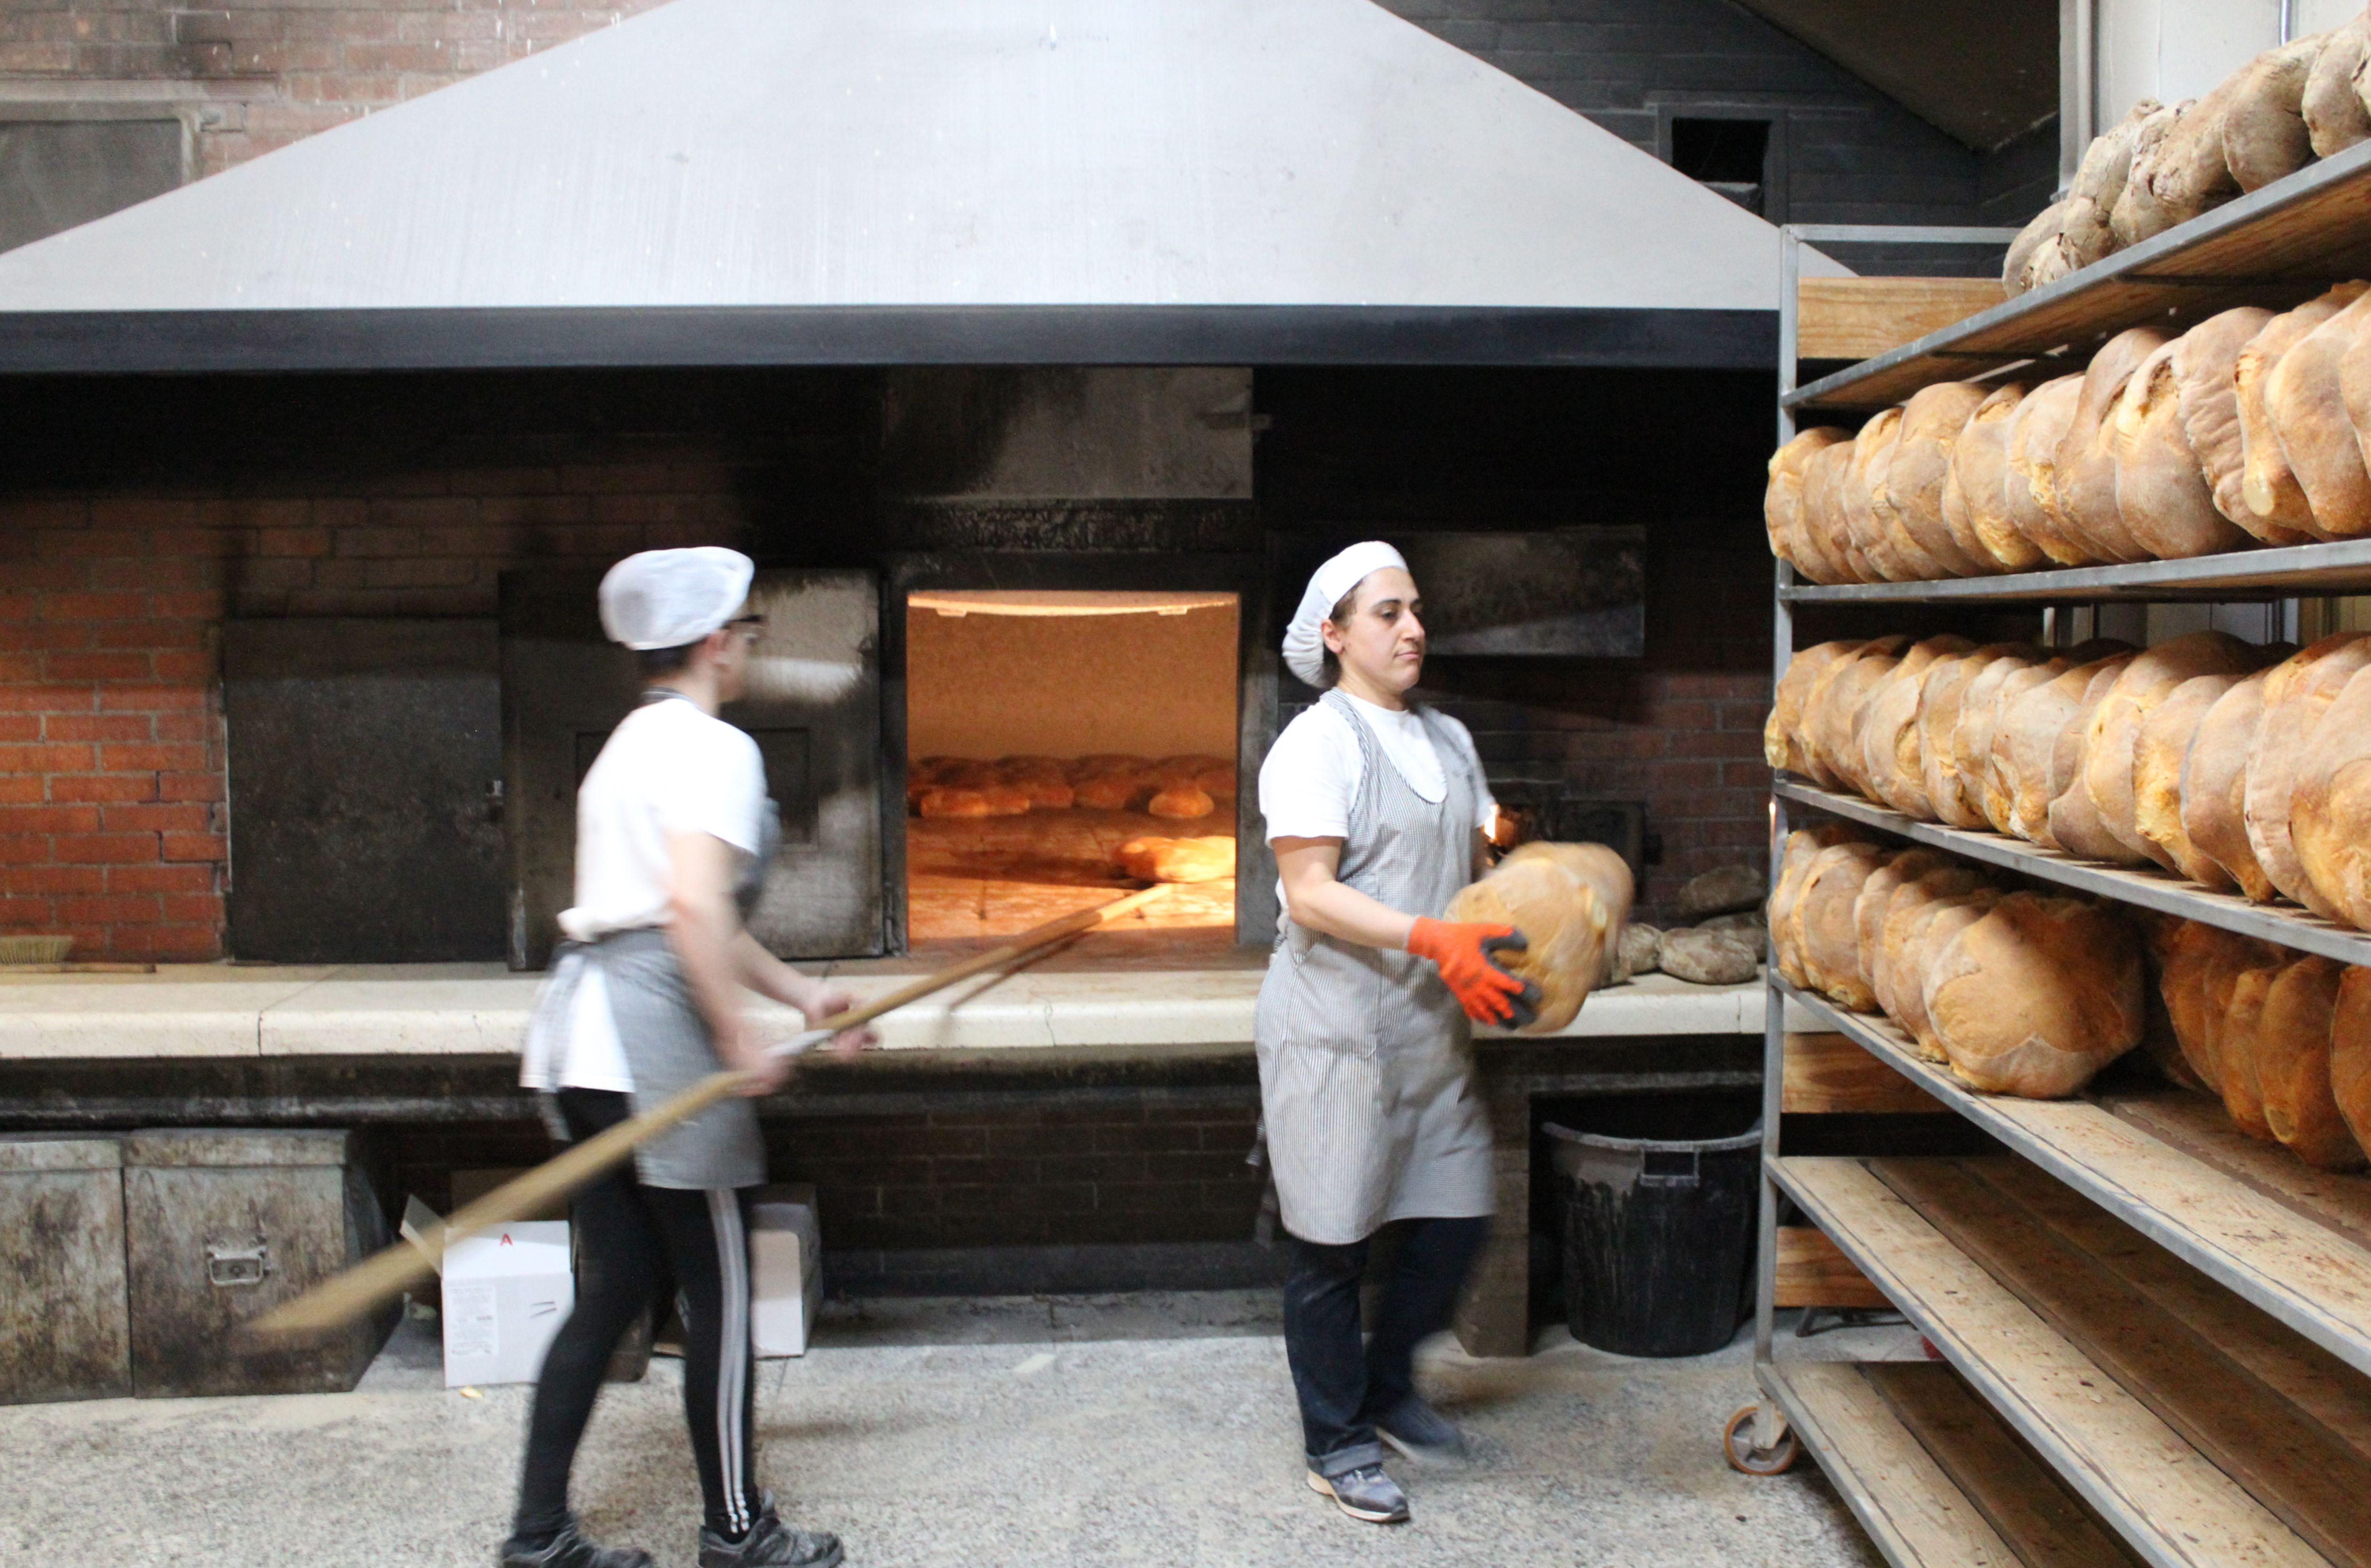 La cottura nel forno a legna del pane tipico di Laterza al Panificio Di Fonzo